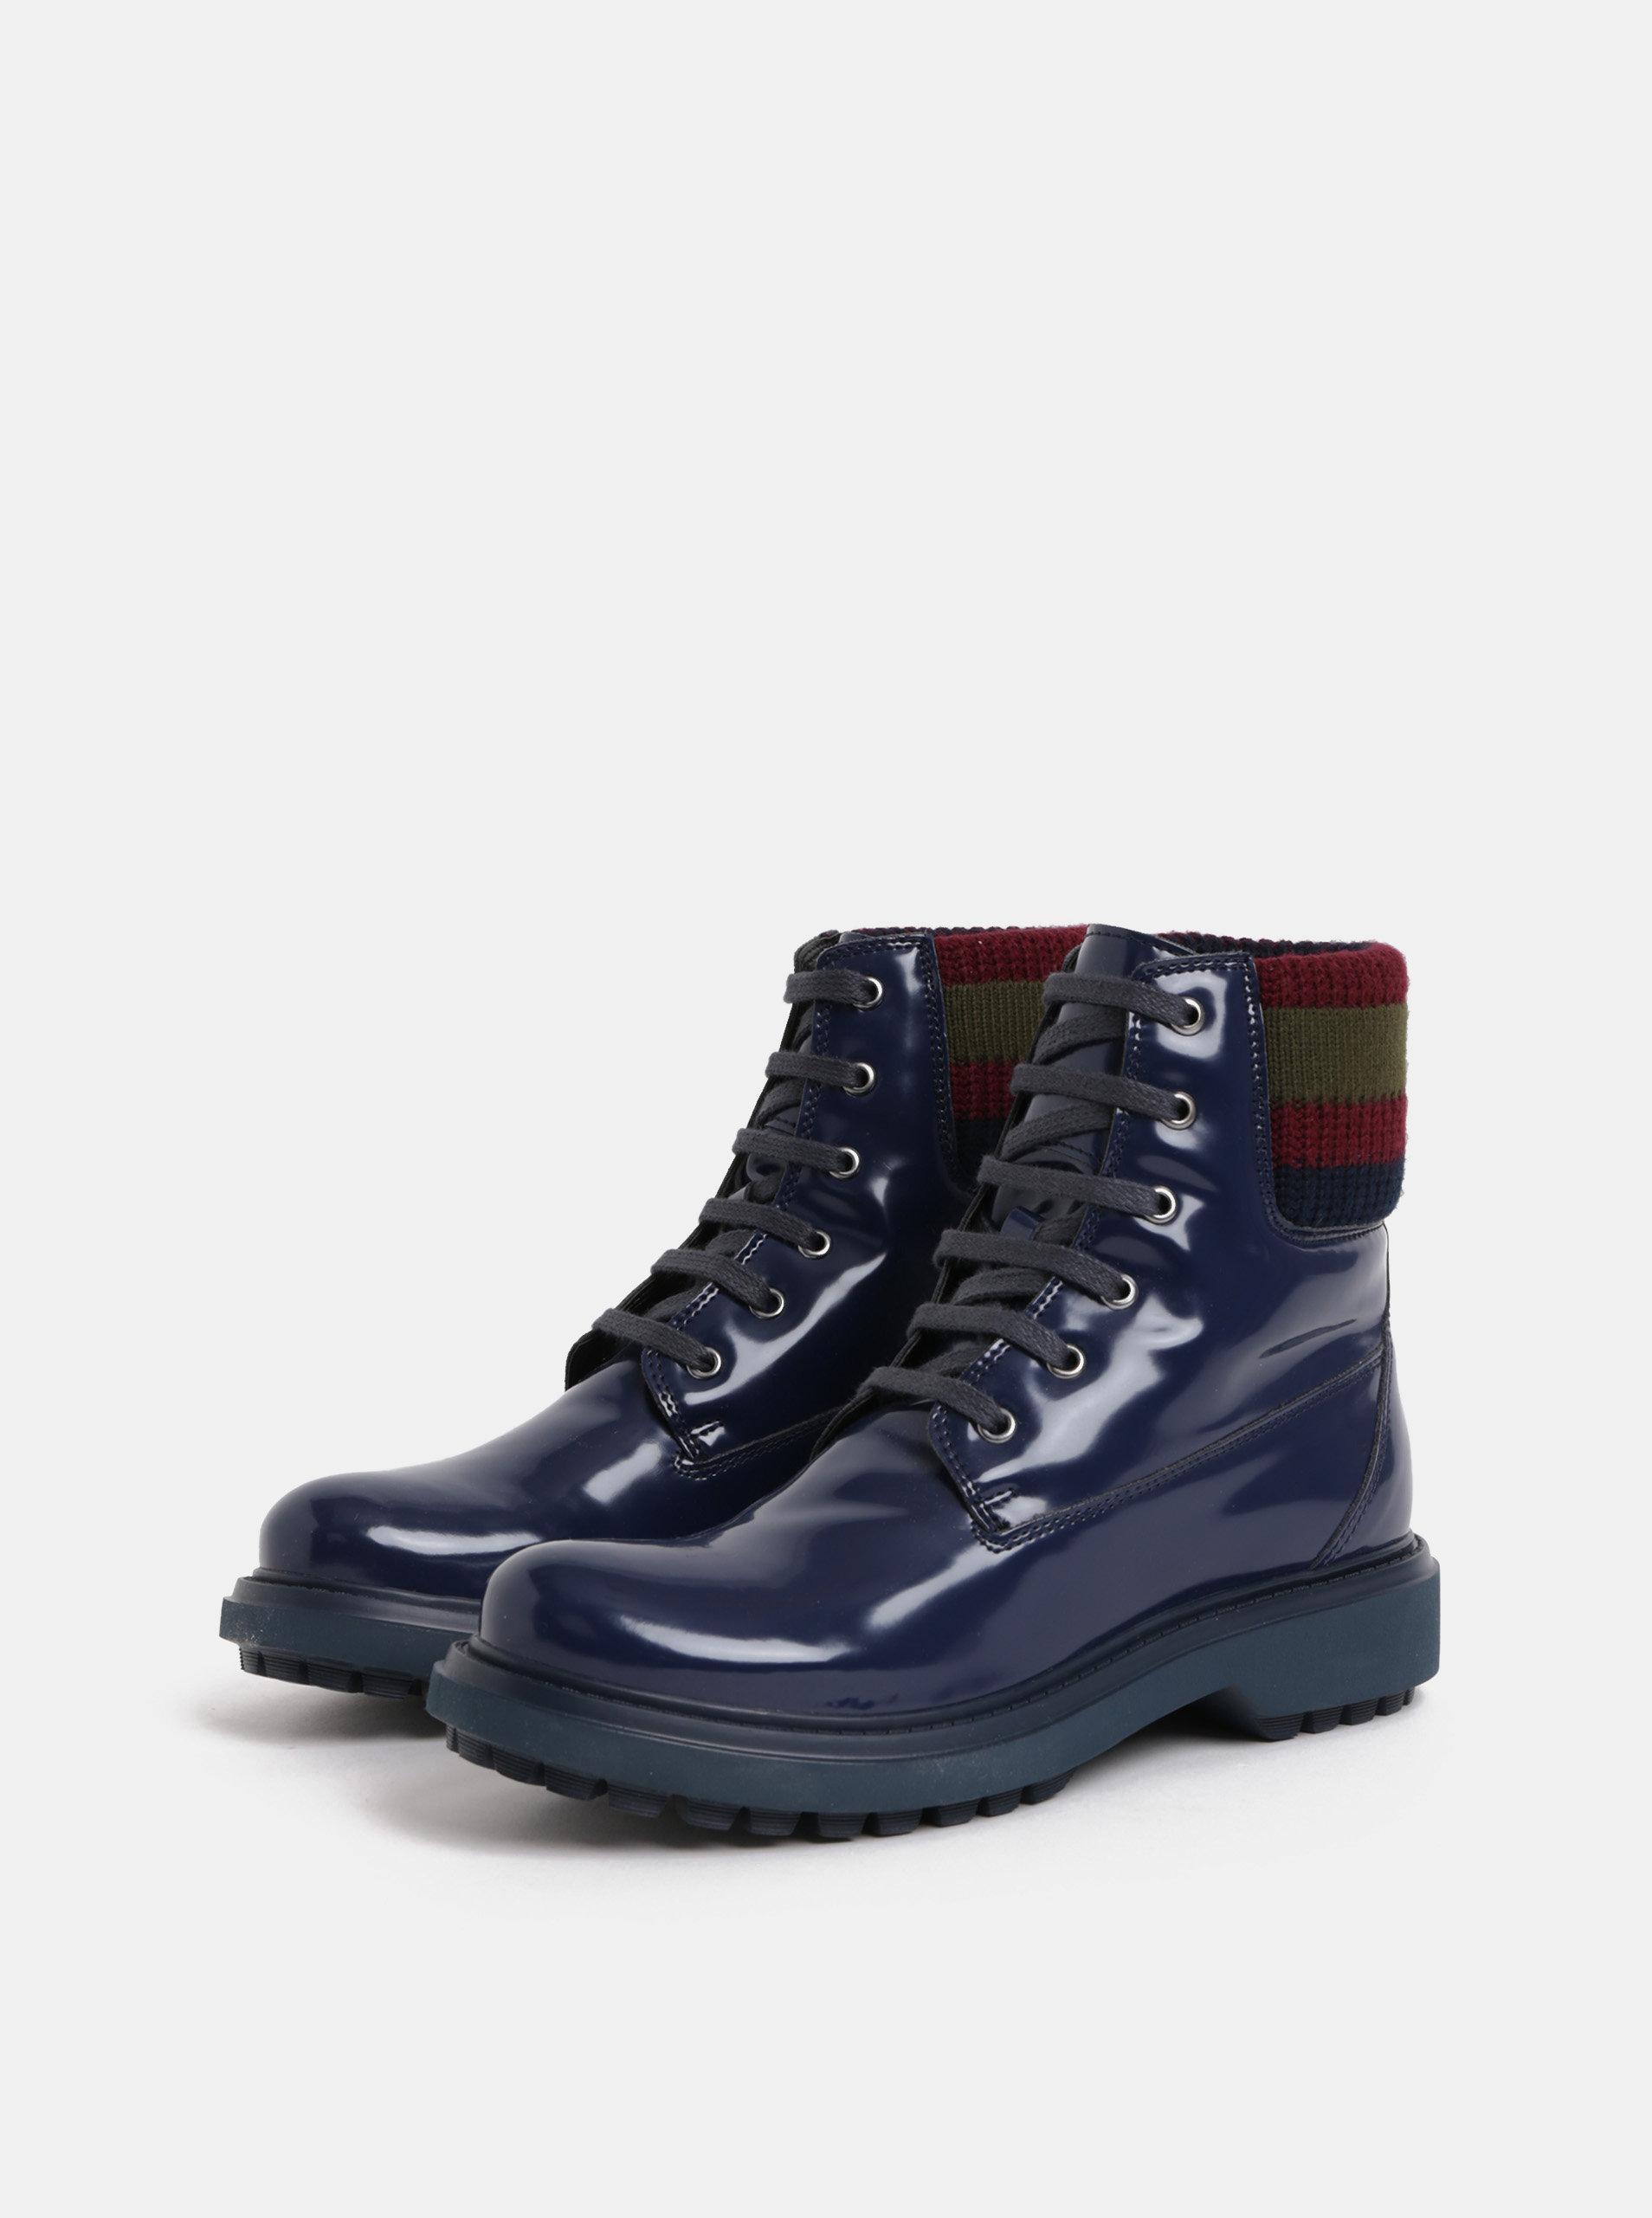 Tmavě modré dámské kotníkové boty s úpletovým lemem Geox Asheely ... 0110d24332